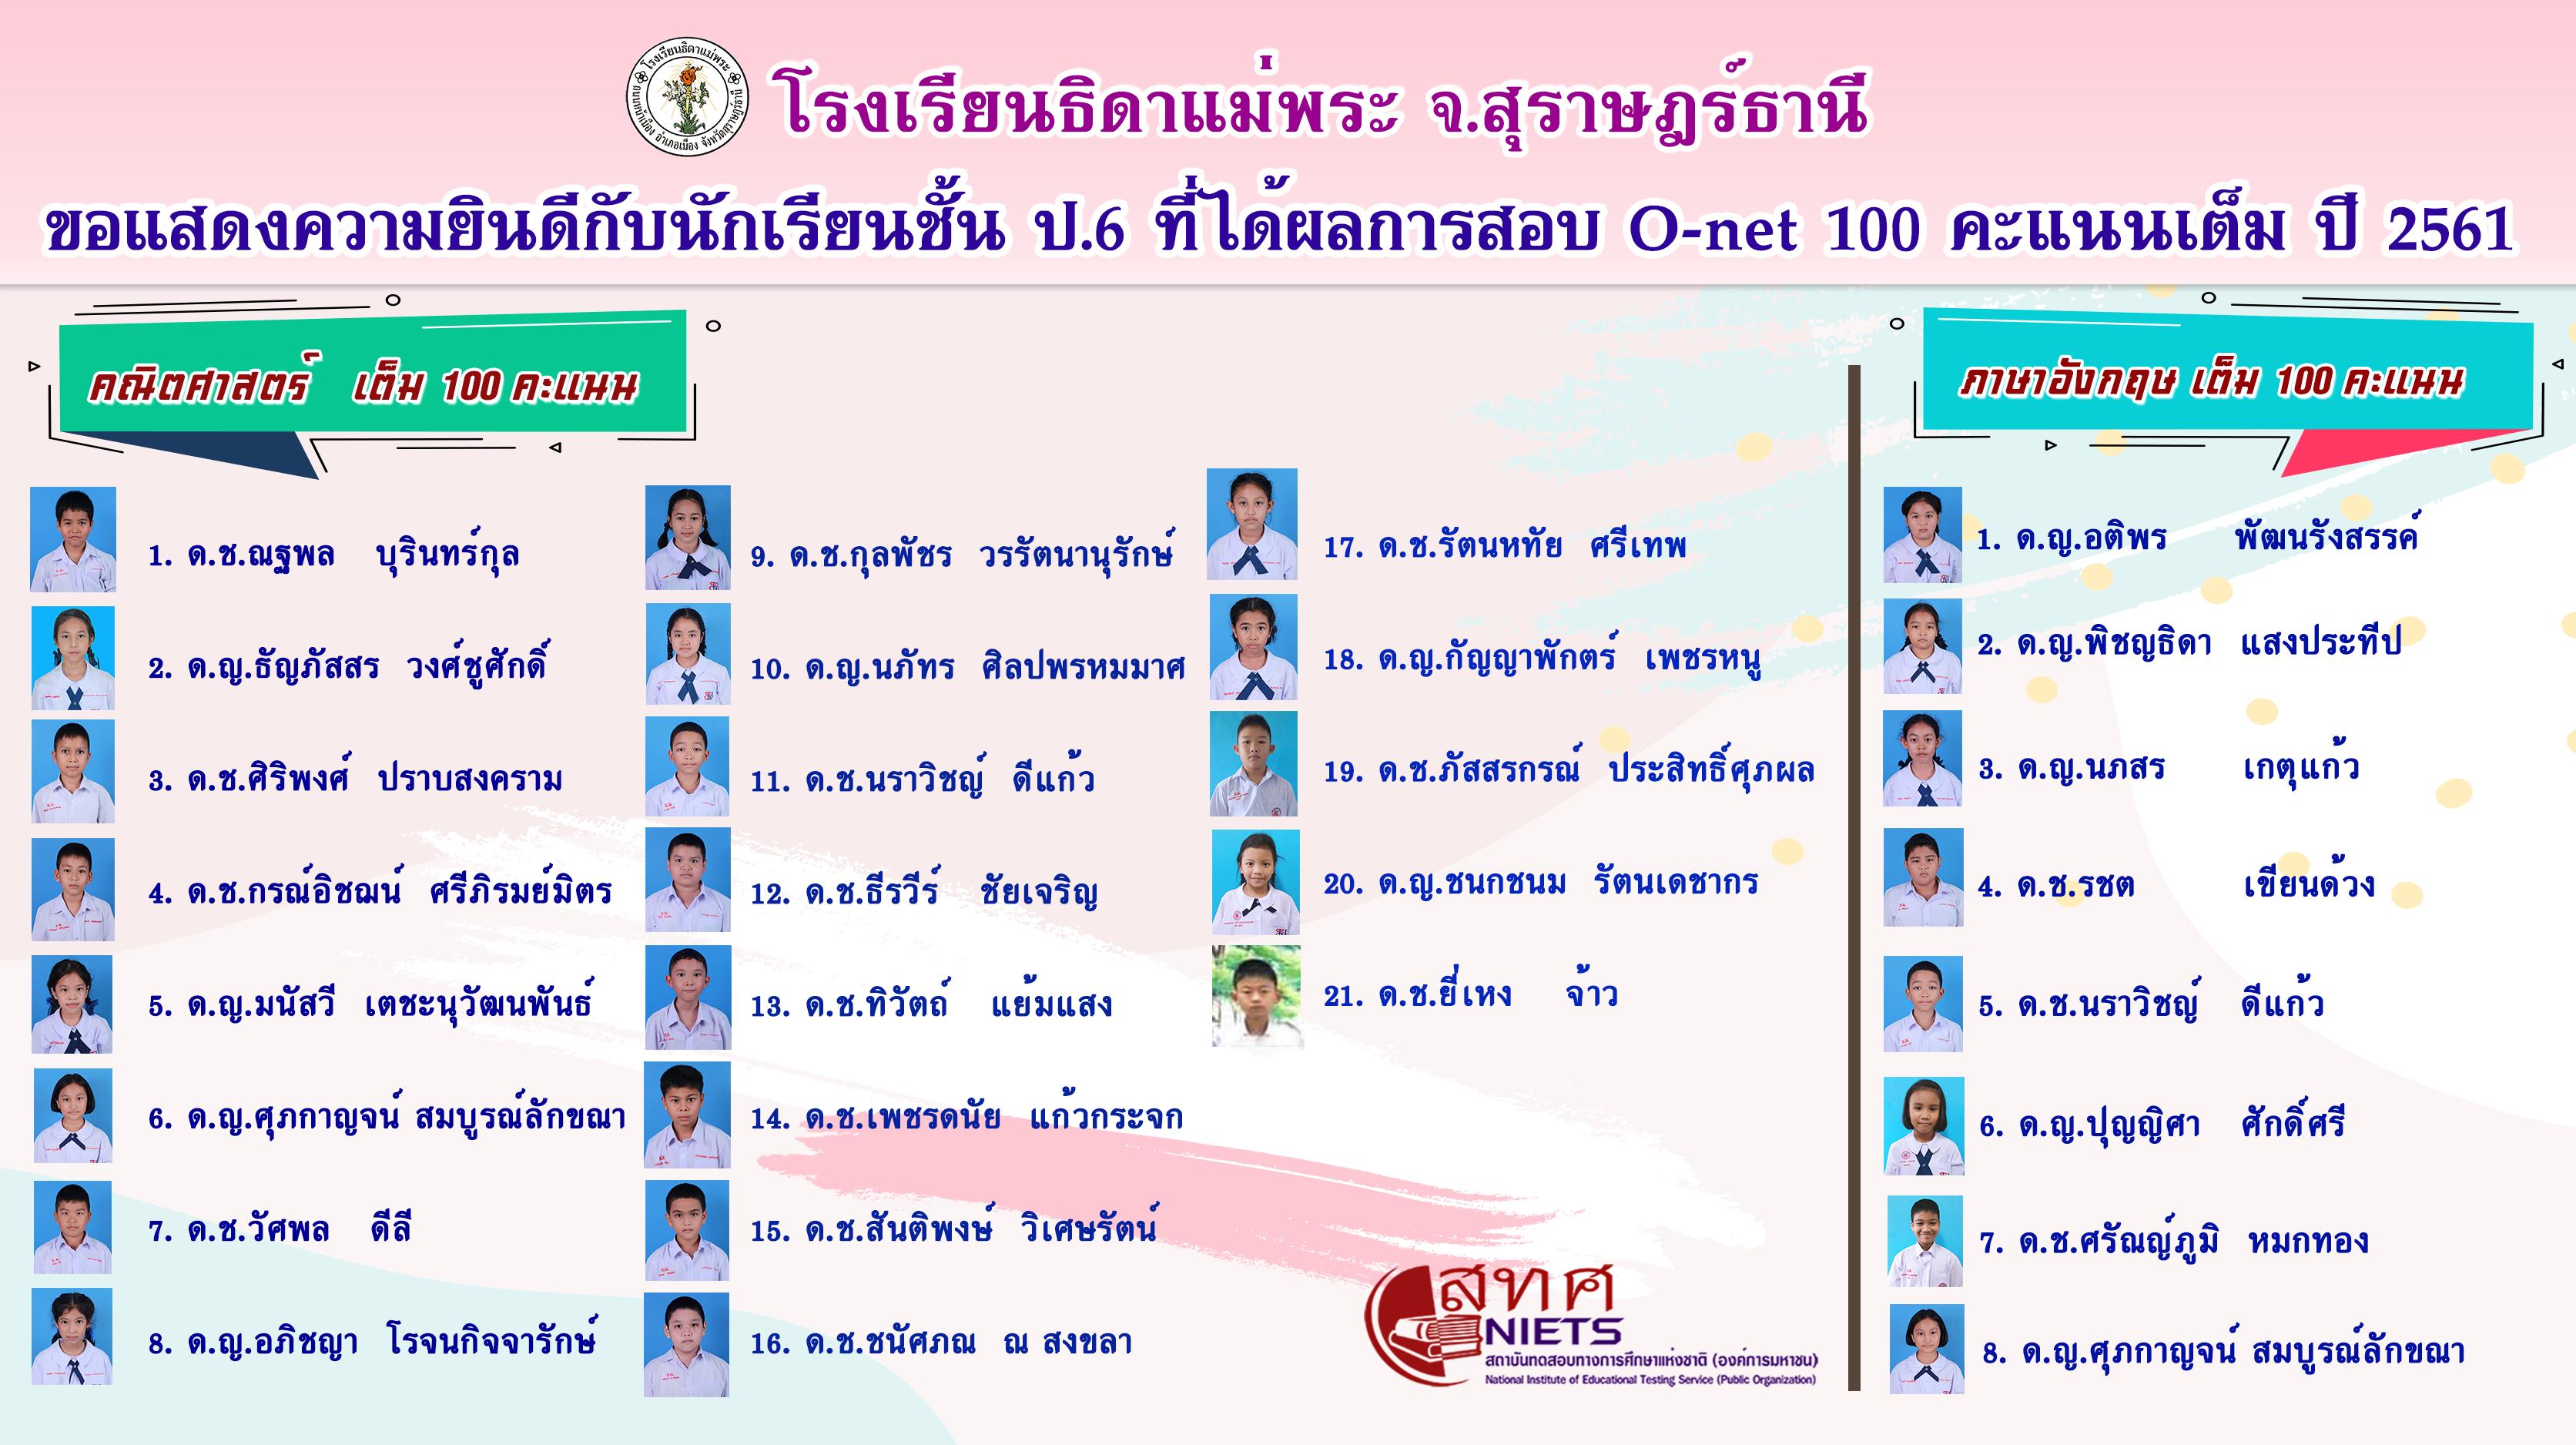 ขอแสดงความยินดีกับนักเรียนชั้น ป.6 ที่ได้ผลการสอบ O-net 100 คะแนนเต็ม ปี 2561